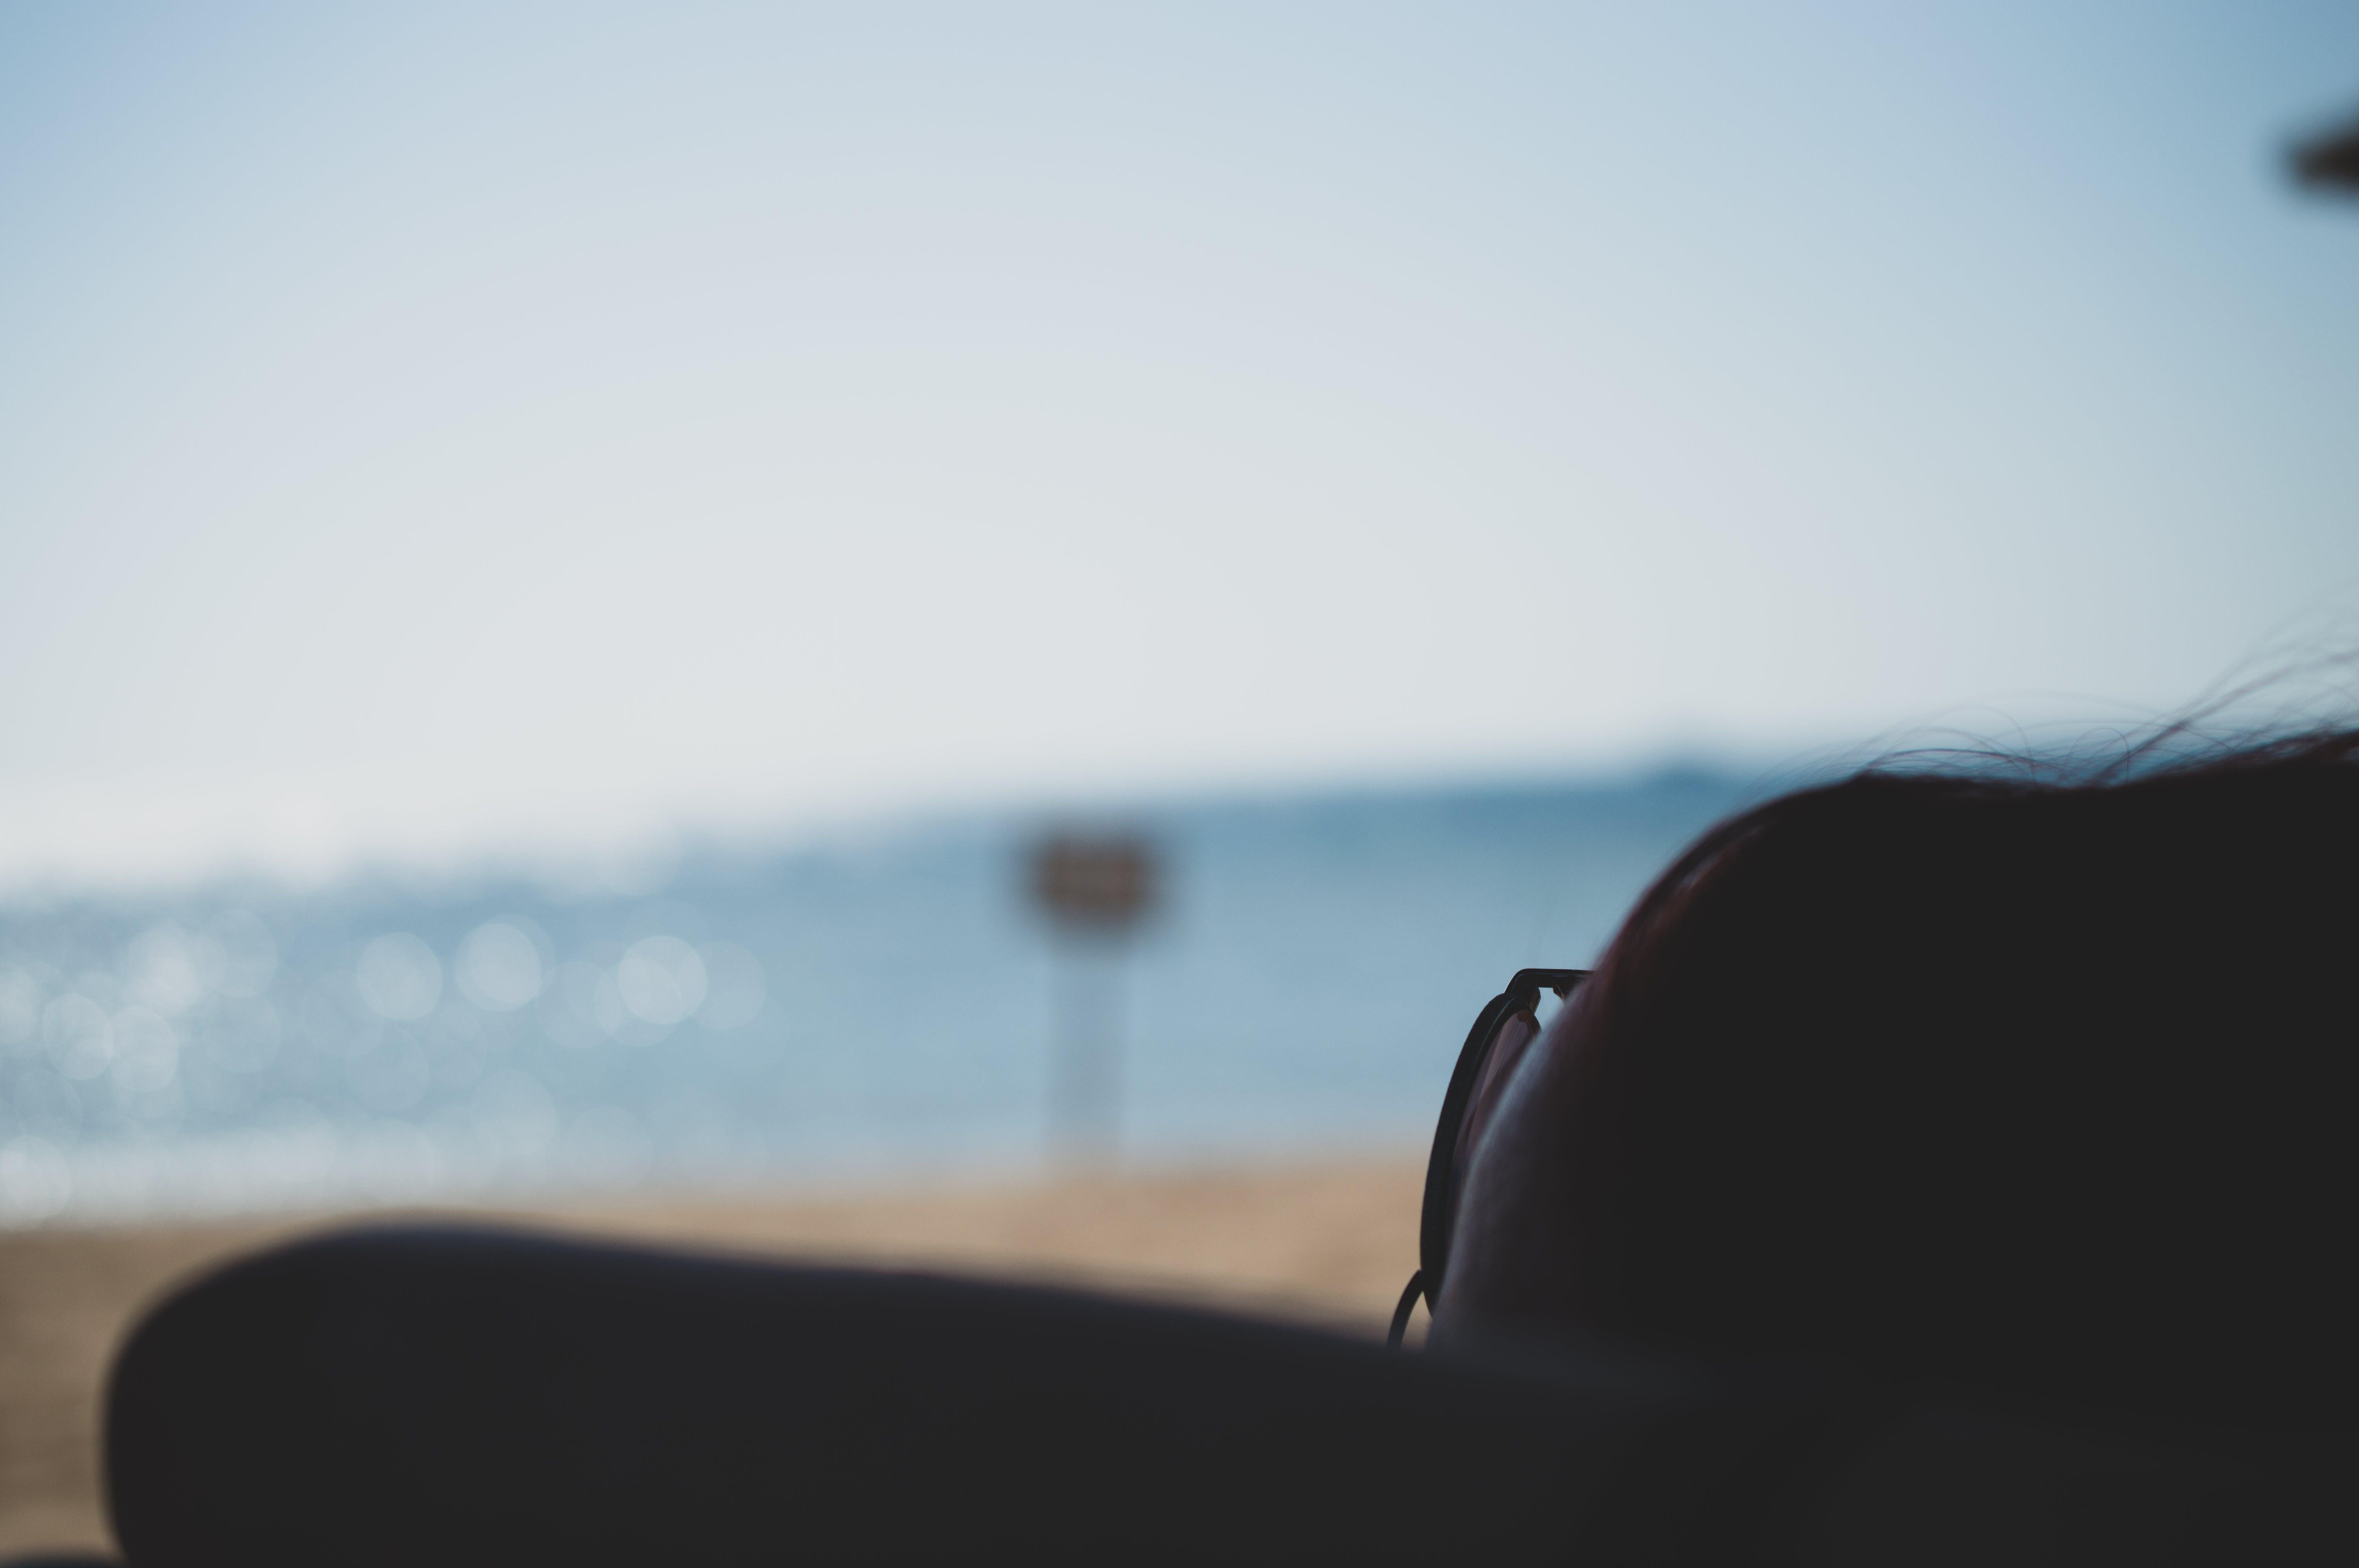 サングラス, ビーチ, フォーカス, 太陽の無料の写真素材